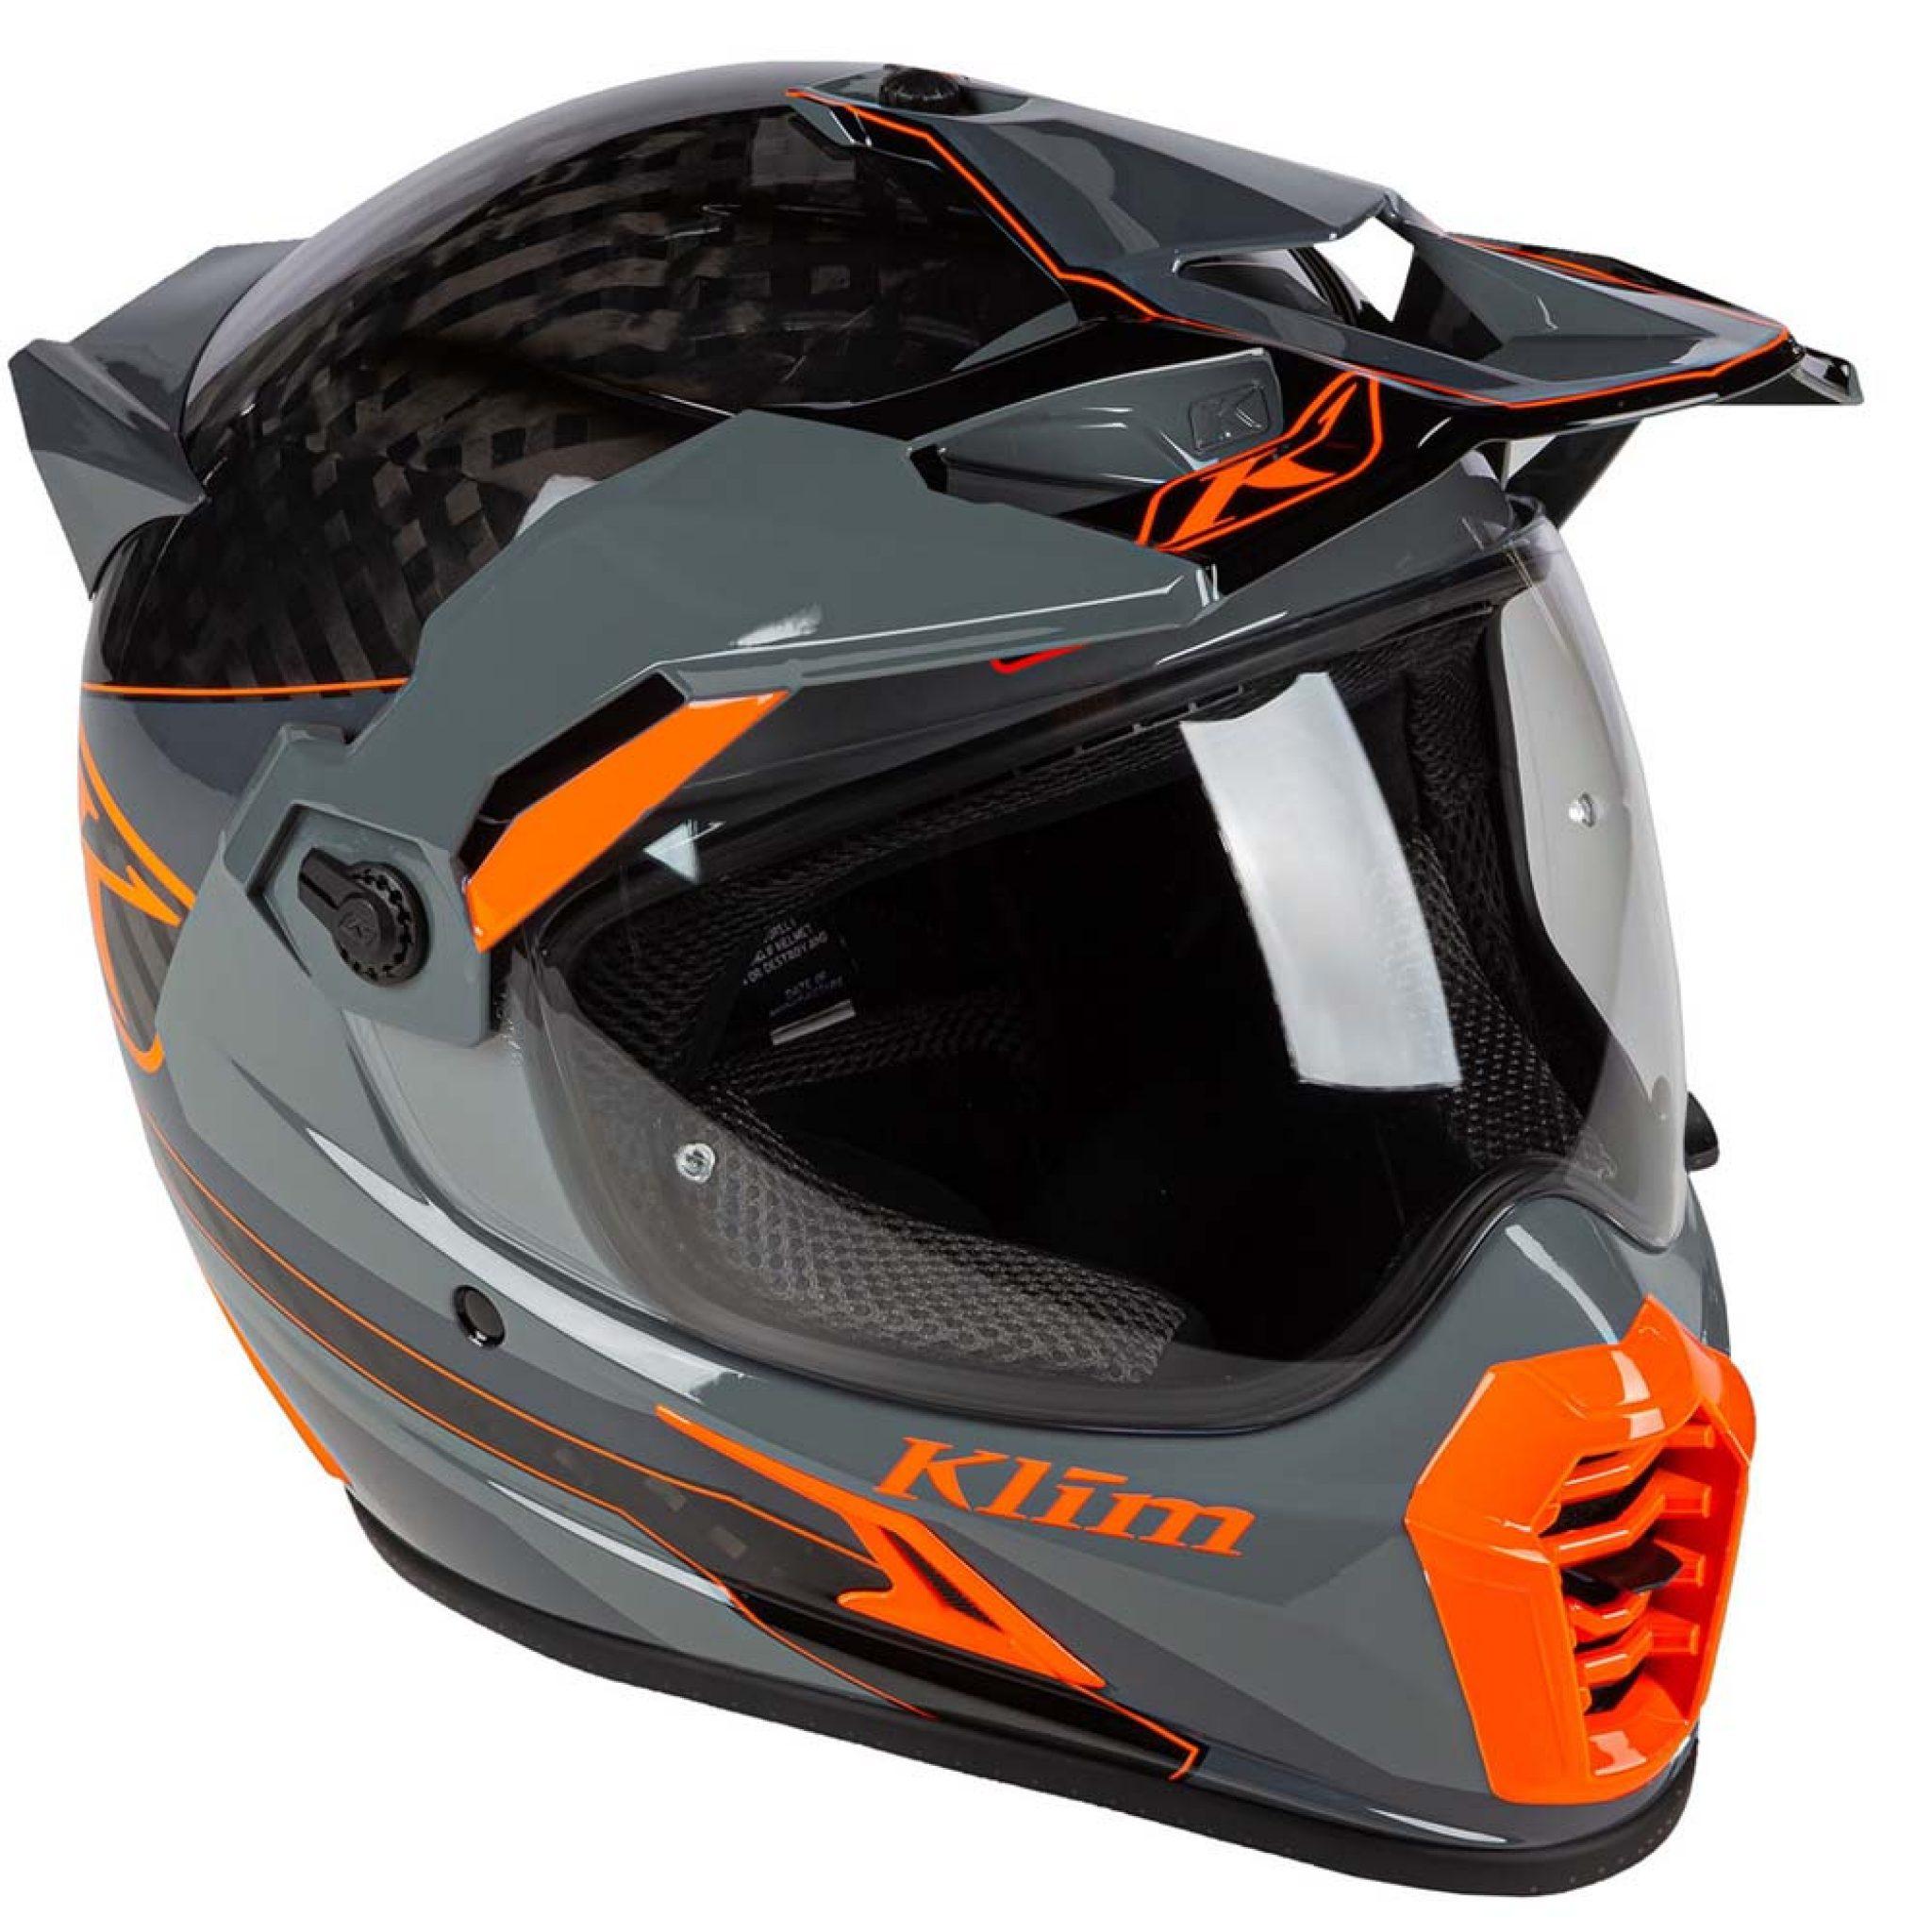 Kaski dual-sport - Motorecenzje